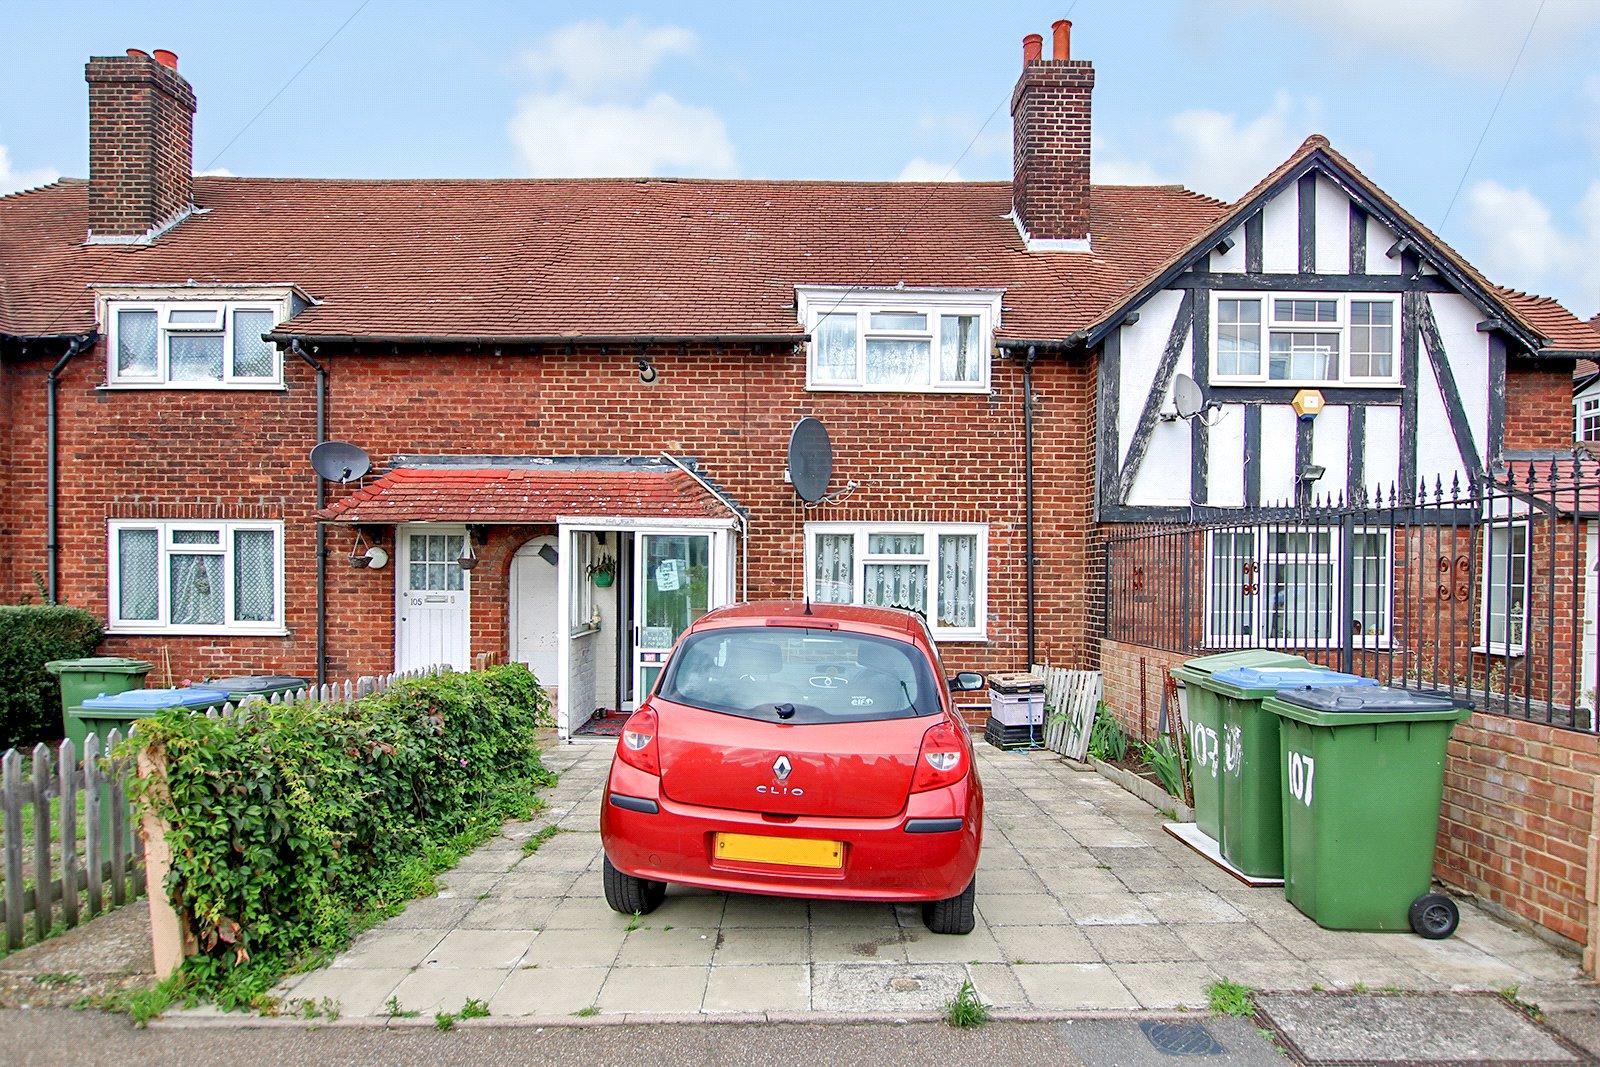 Eltham Palace Road, Eltham, SE9